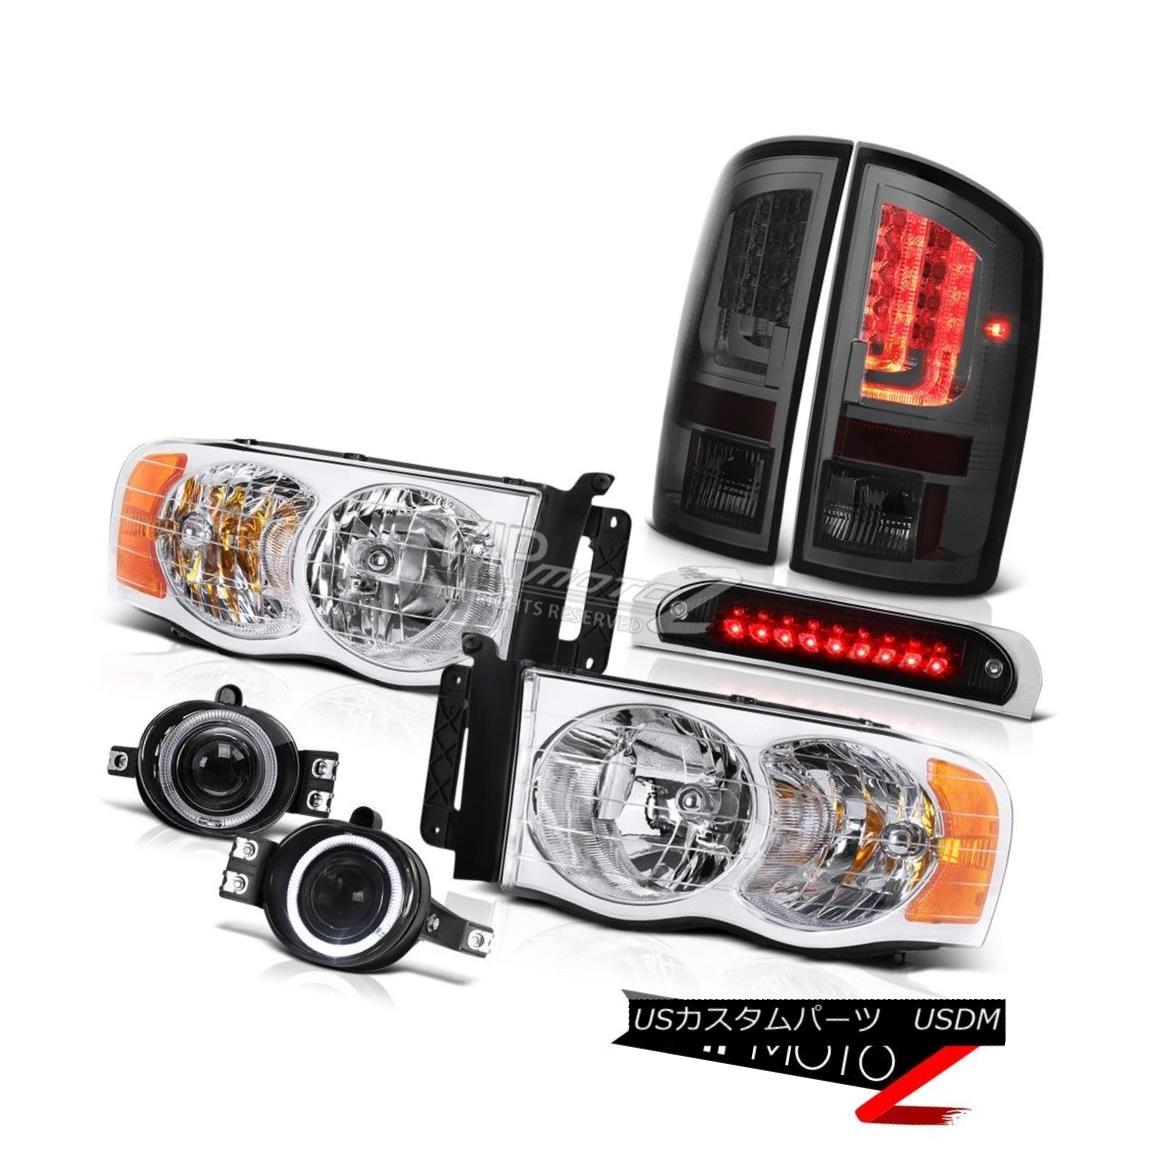 テールライト 02-05 Dodge Ram 1500 1500 3.7L Tail Lamps Black Roof Cab Lamp Headlamps Fog LED 02-05 Dodge Ram 1500 1500 3.7LテールランプブラックルーフキャブランプヘッドランプフォグLED